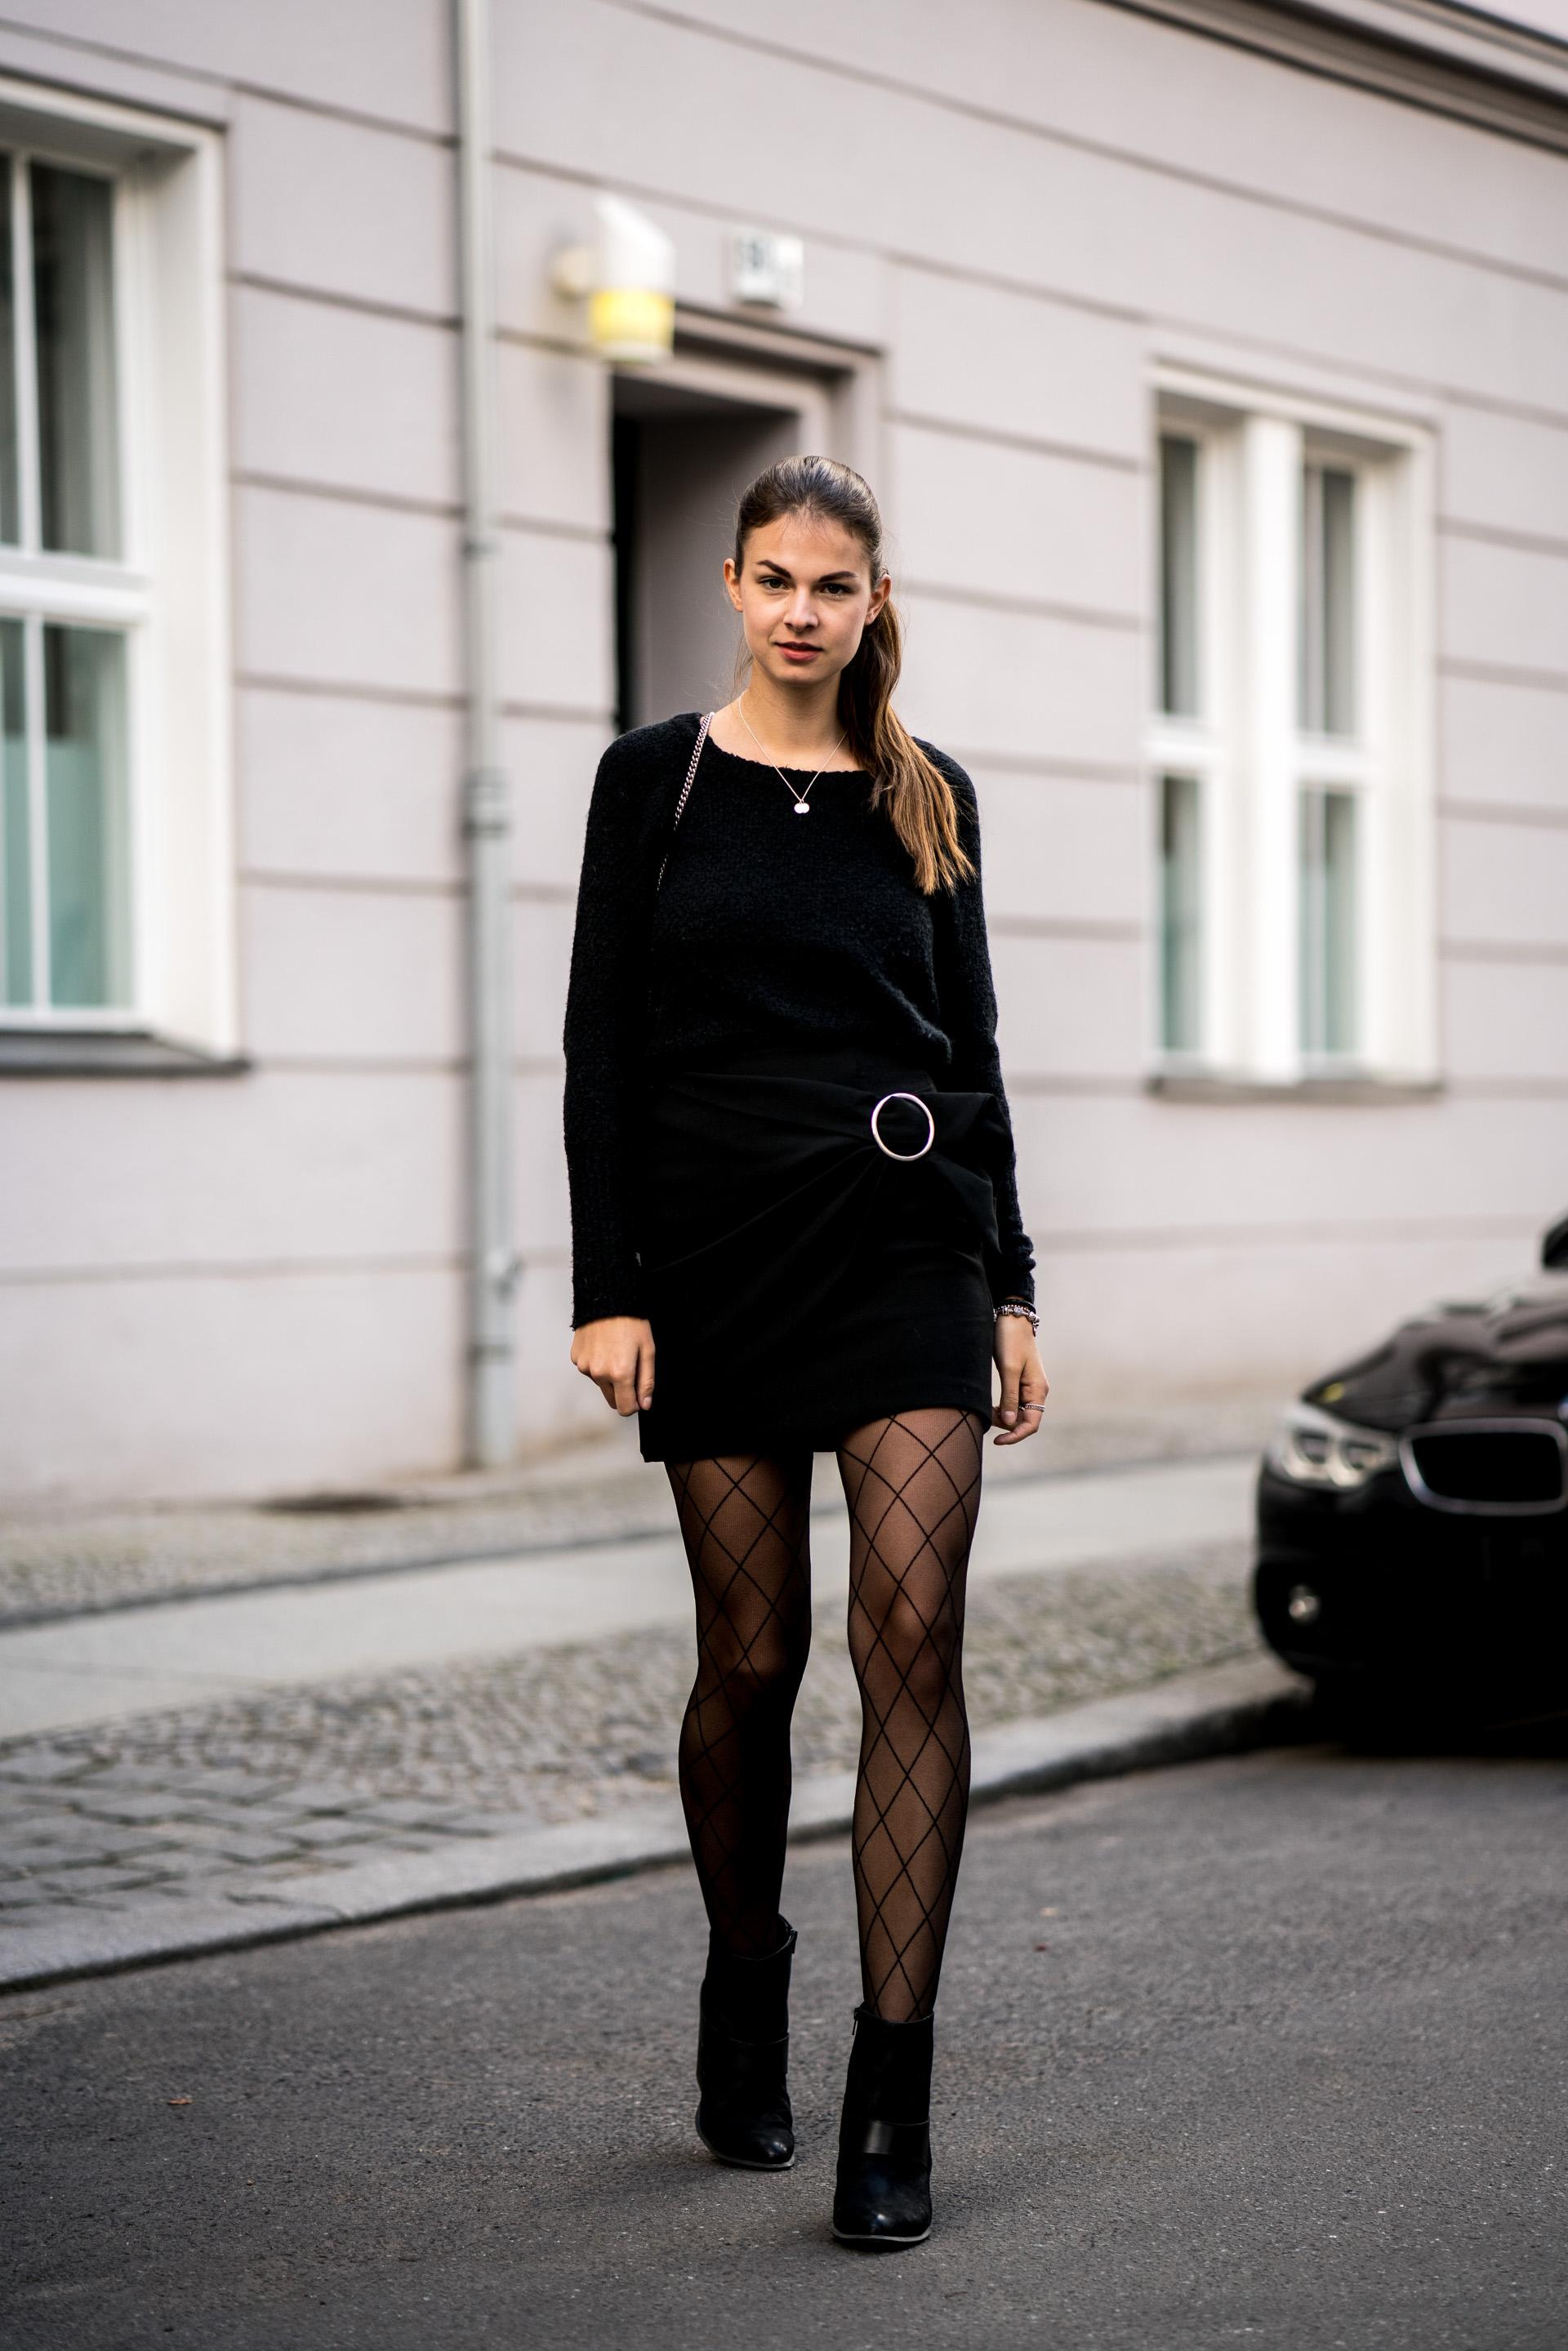 Schwarzer Rock und Netzstrumpfhose || Casual Chic Outfit